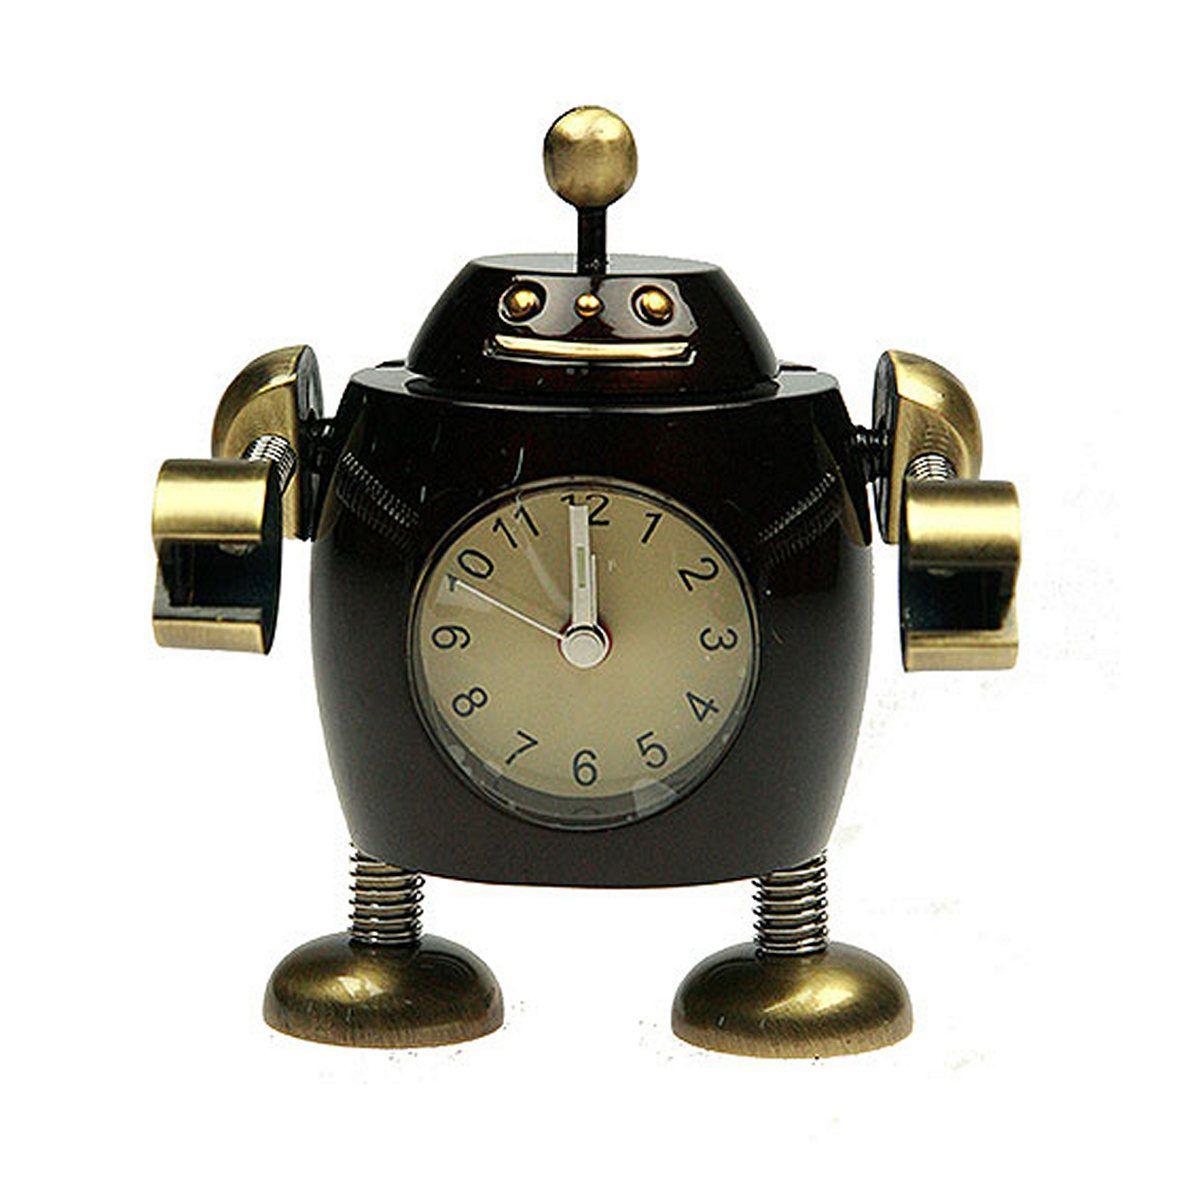 Часы настольные Русские Подарки Робот. 2243322433Настольные кварцевые часы Русские Подарки Робот изготовлены из металла. Изделие оригинально оформлено в виде робота. Часы имеют три стрелки - часовую, минутную и секундную.Такие часы украсят интерьер дома или рабочий стол в офисе. Также часы могут стать уникальным, полезным подарком для родственников, коллег, знакомых и близких.Часы работают от батареек типа SR626 (в комплект не входят).